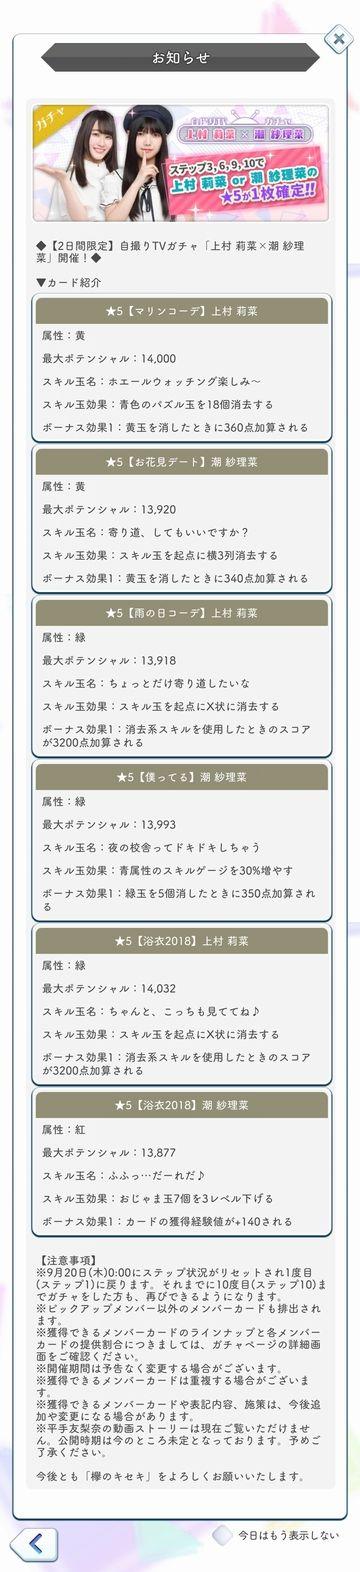 00 自撮りTVガチャ(2) 詳細